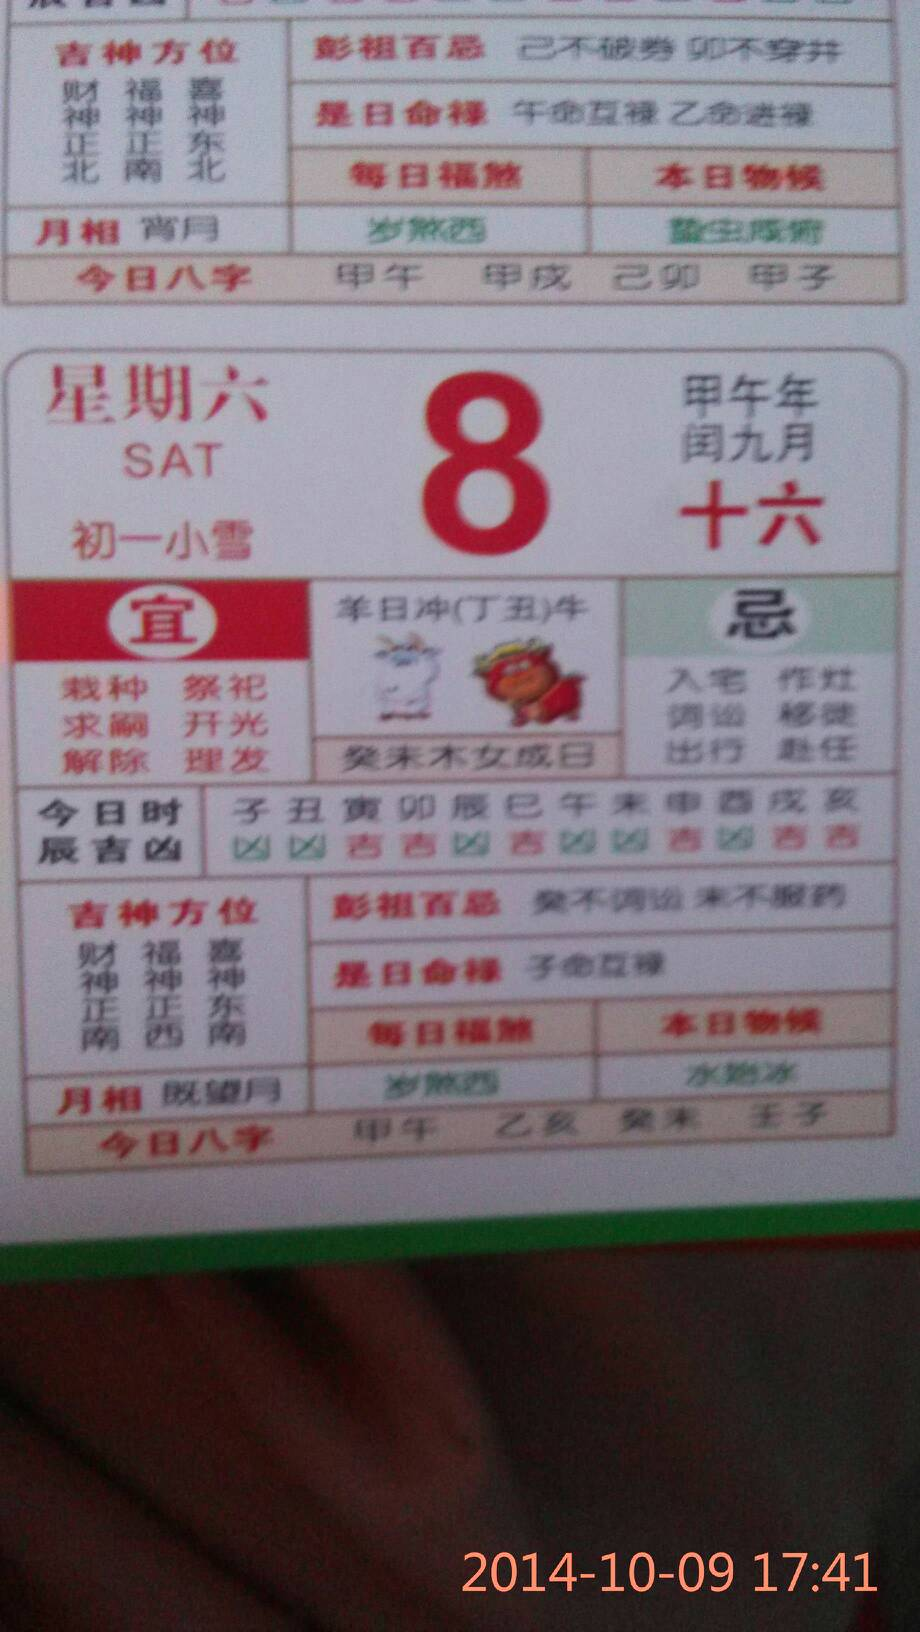 1992农历阱c��k�y�i��_2014-10-09 17:41   热心网友  不太适合的亲!是农历还是阳历呢?